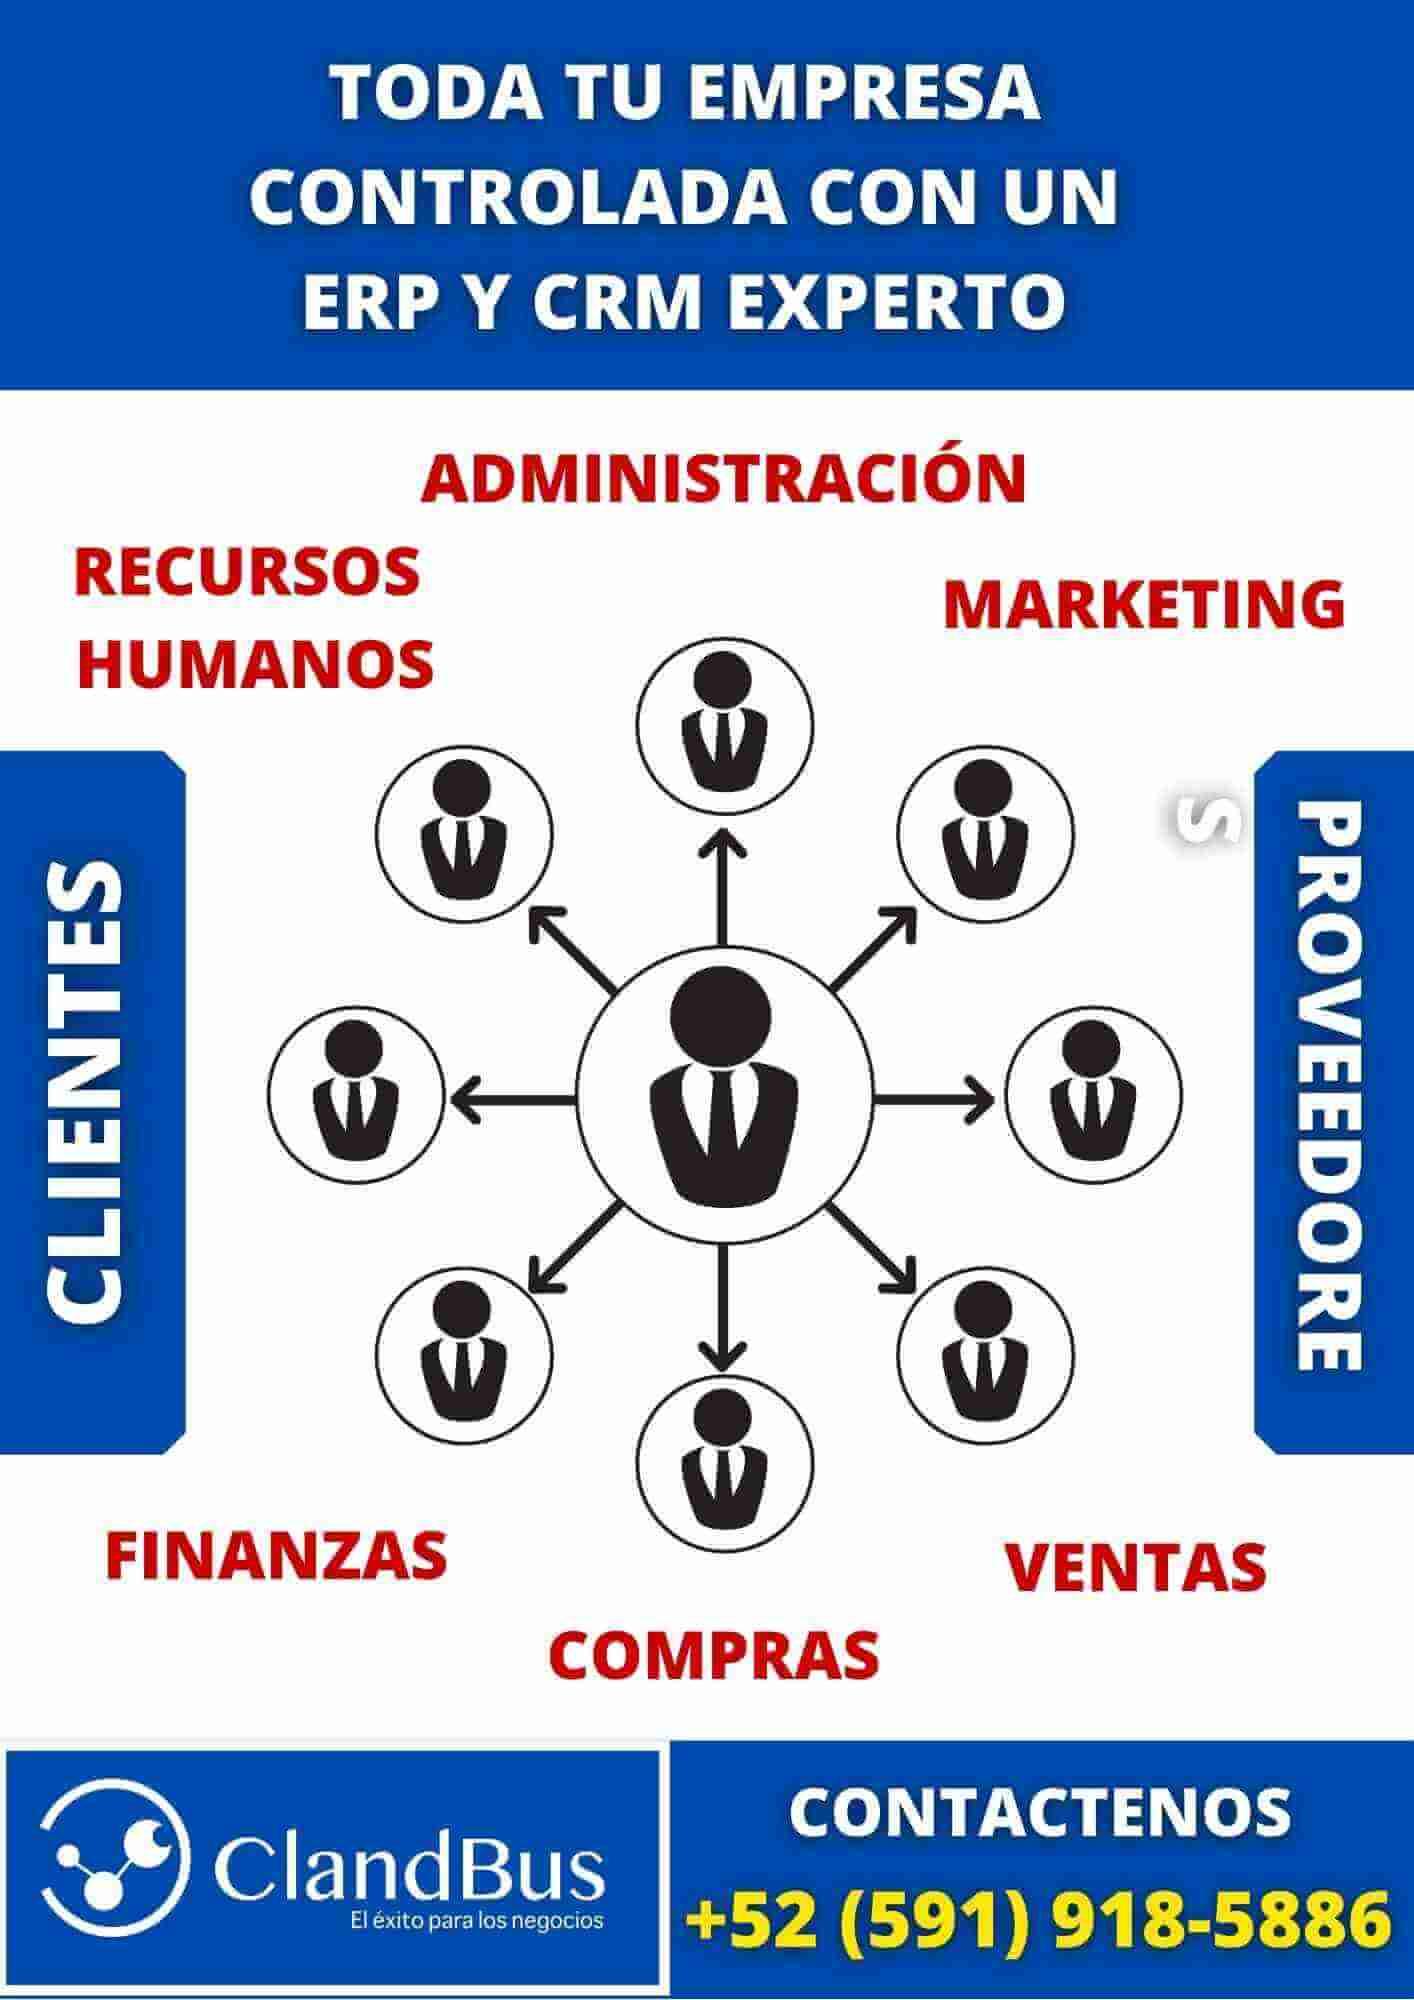 Qué es un ERP - Controle toda su empresa desde un mismo lugar y automatice sus procesos conectando actividades con ClandBus y AcumatIca ERP